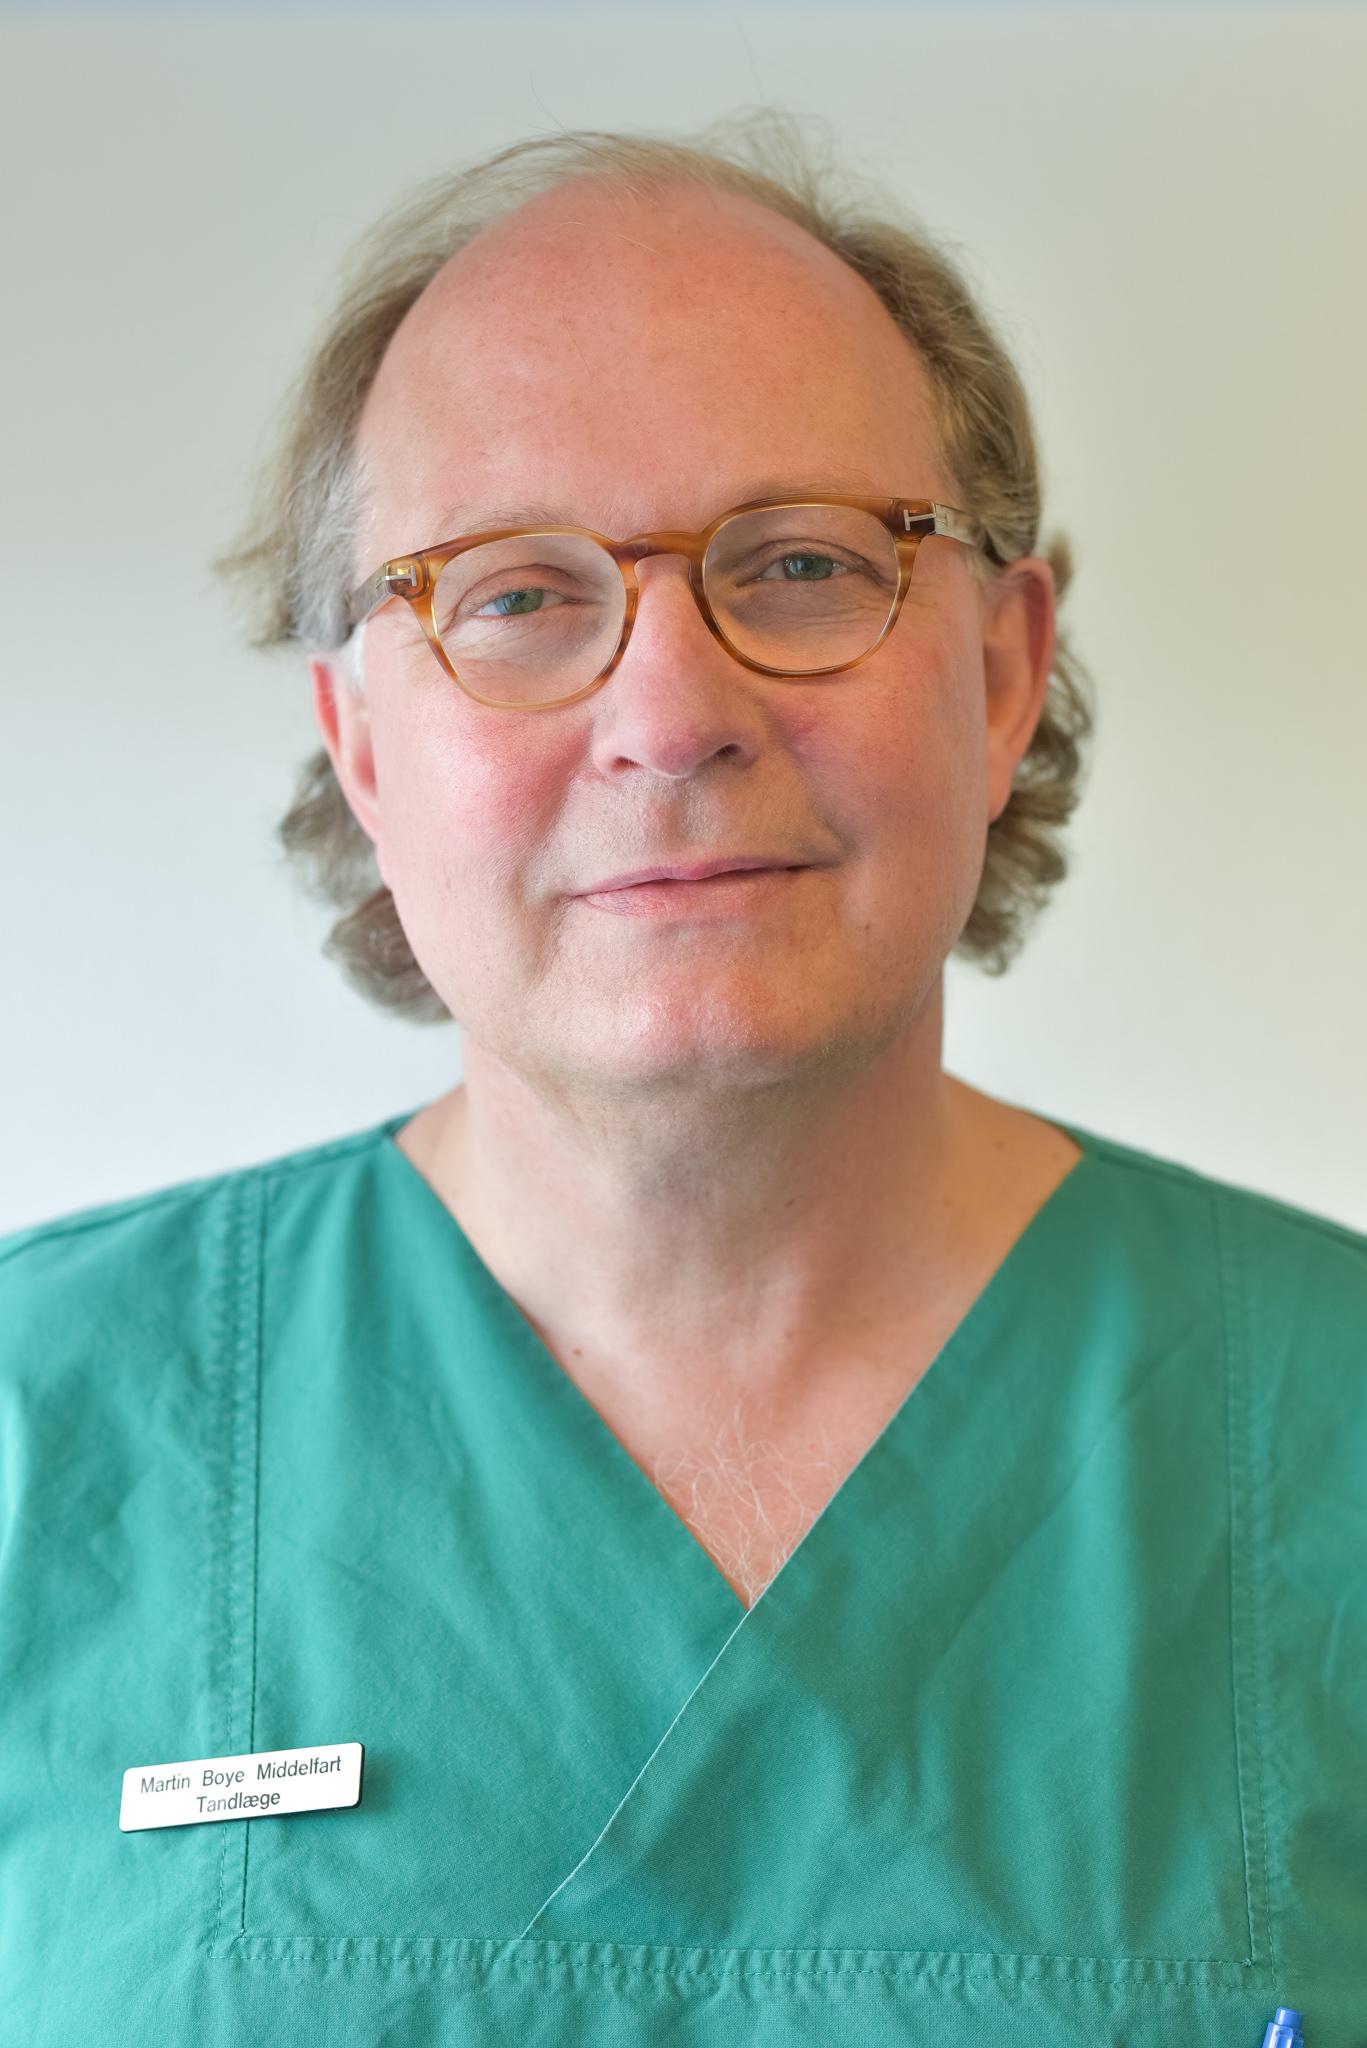 Tandlæge Martin